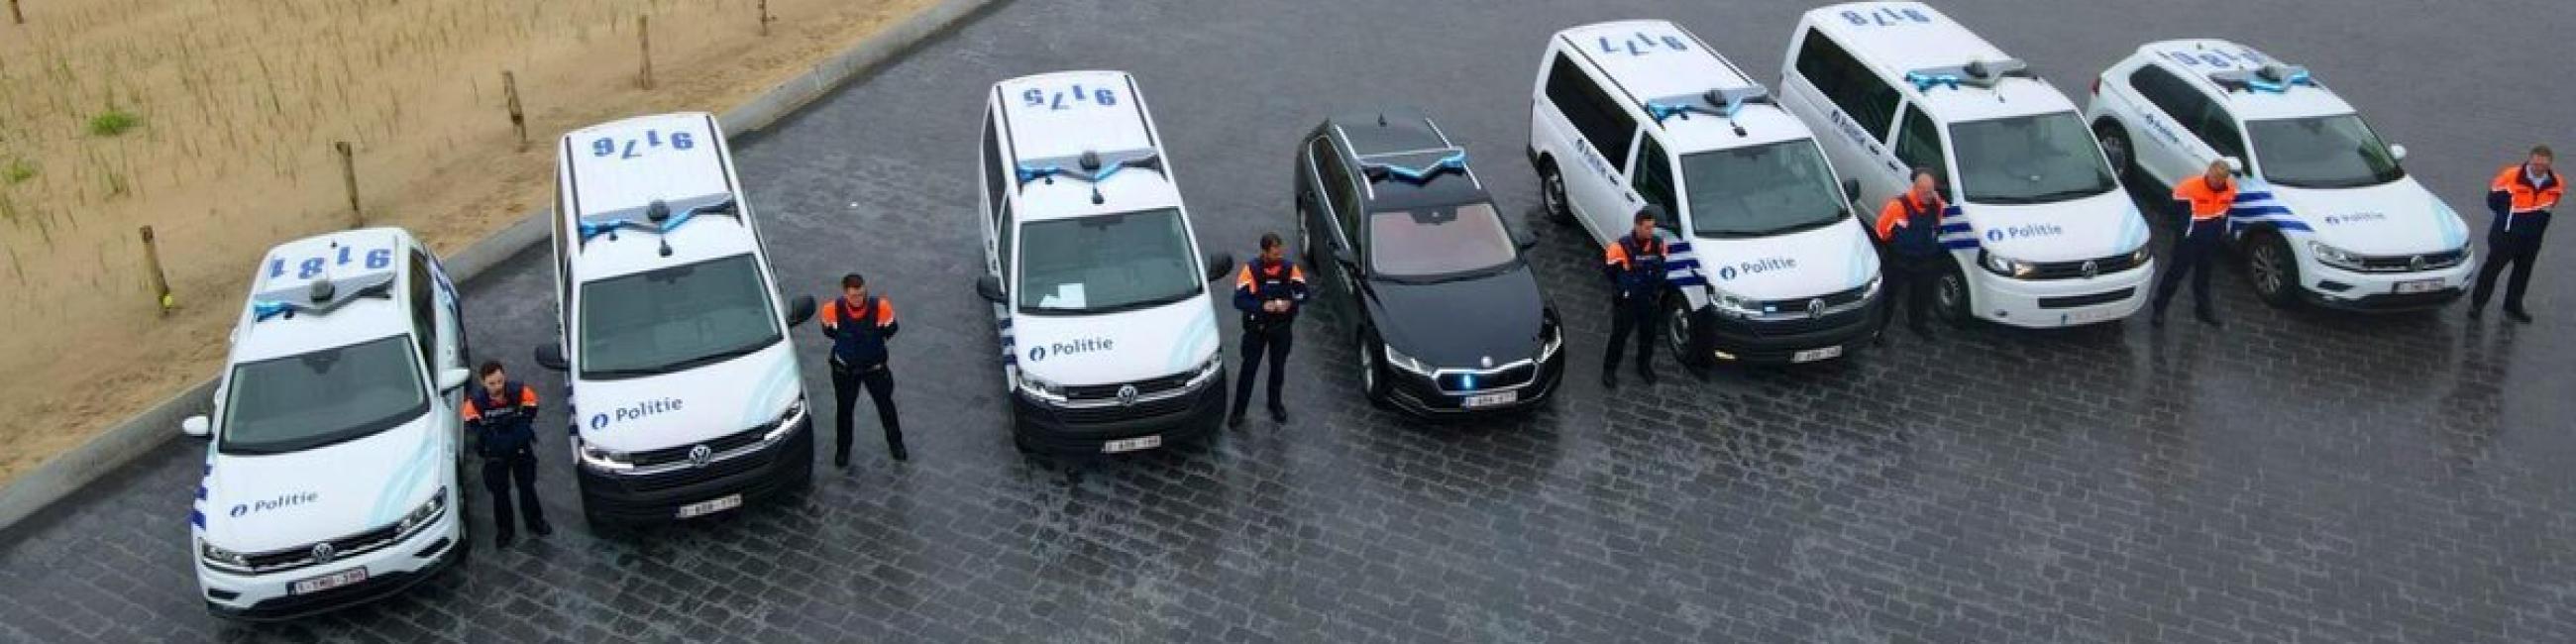 Politie Middelkerke is klaar voor de zomer